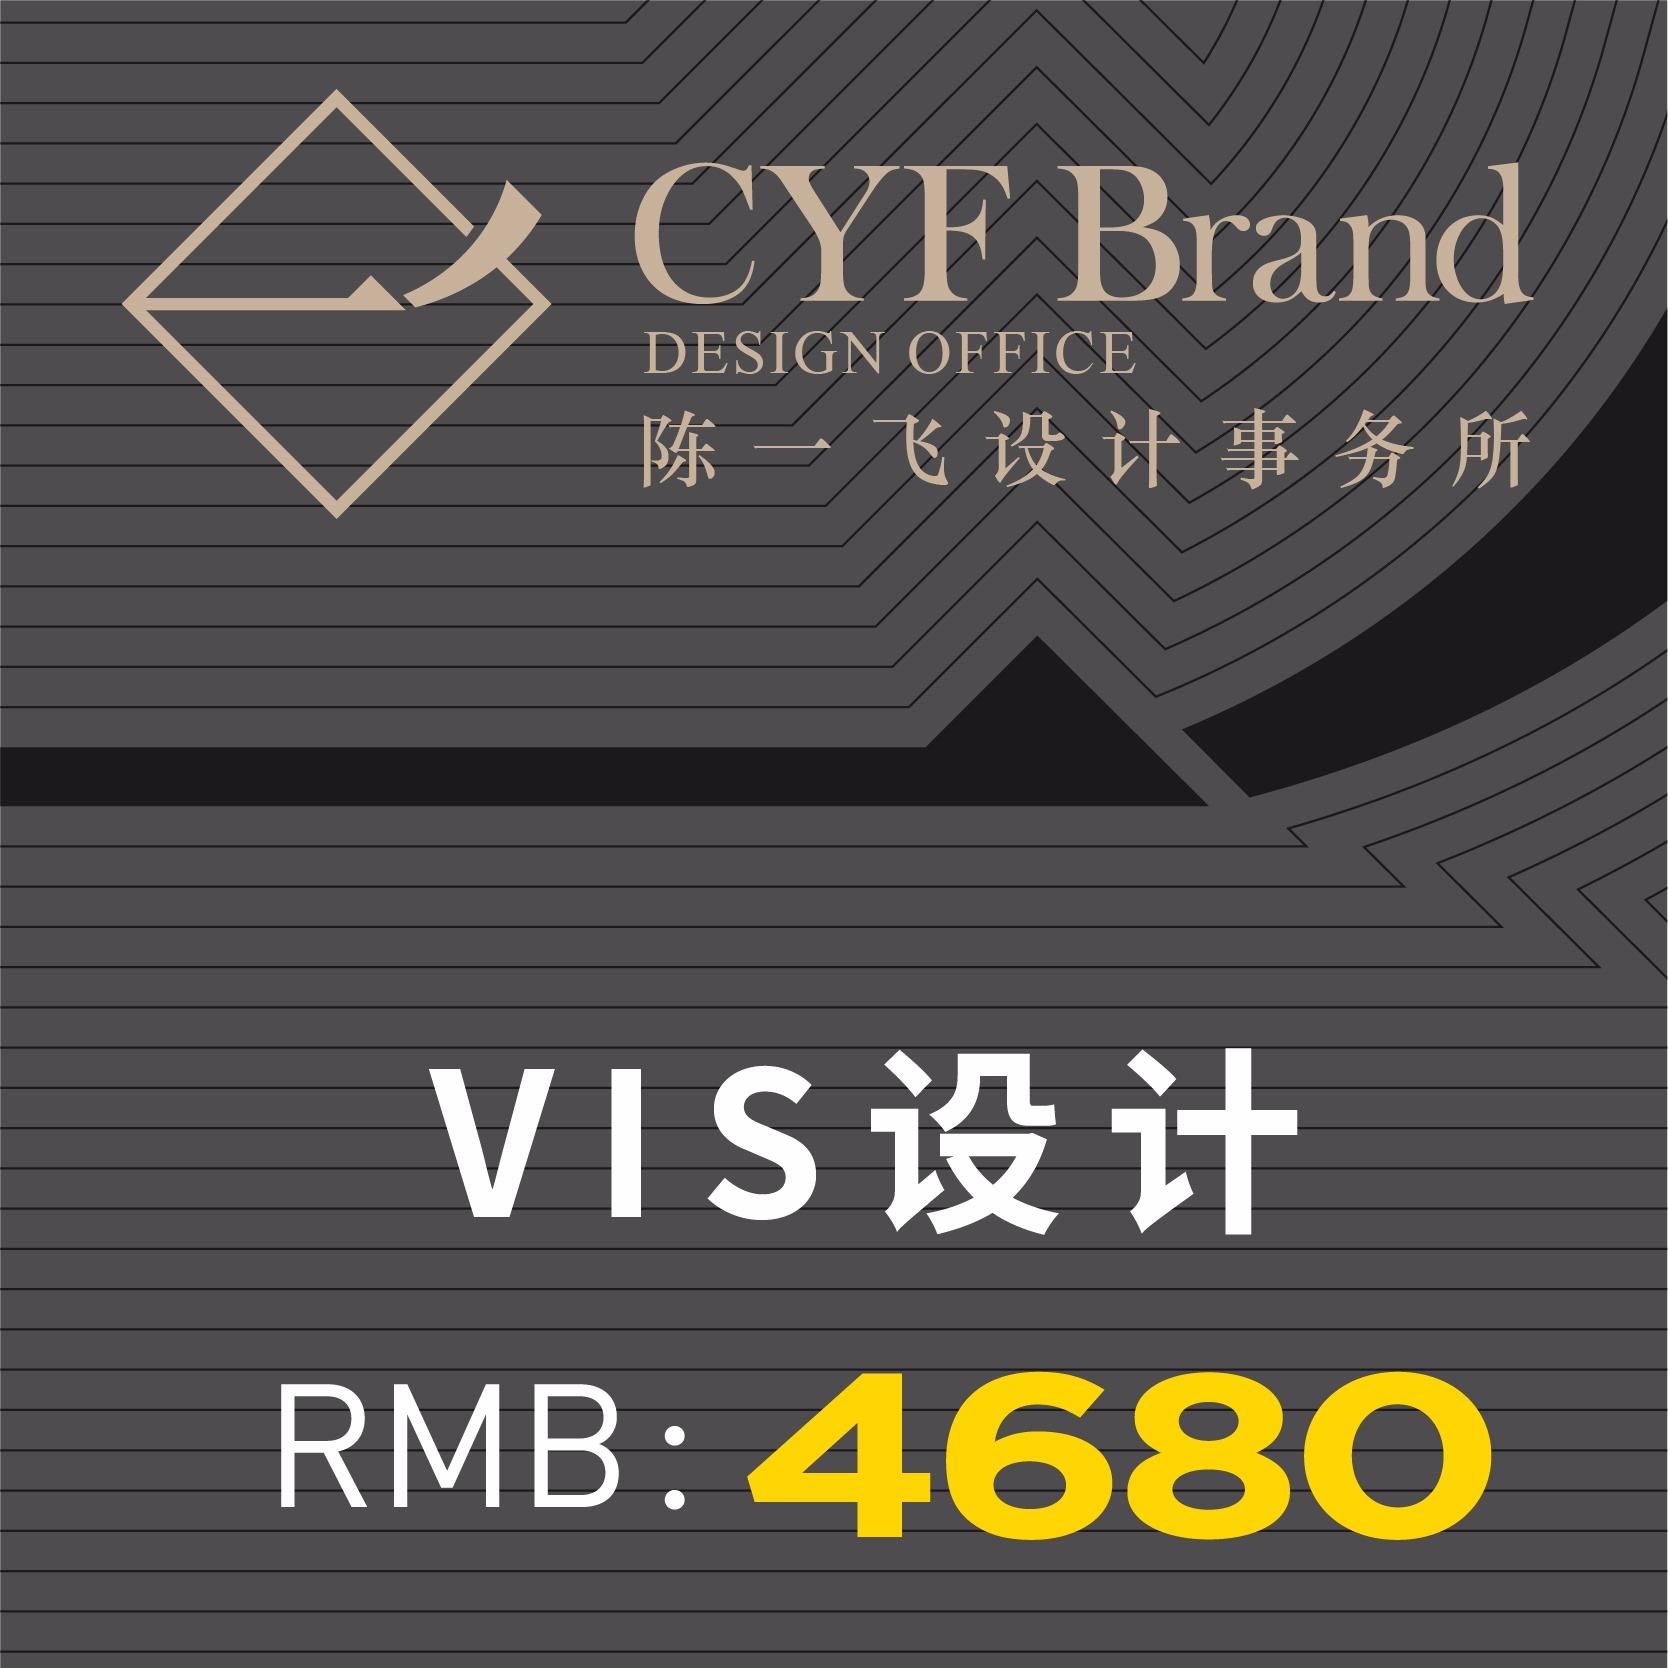 【休闲娱乐】套餐四 企业形象VI定制VI设计VIS系统设计